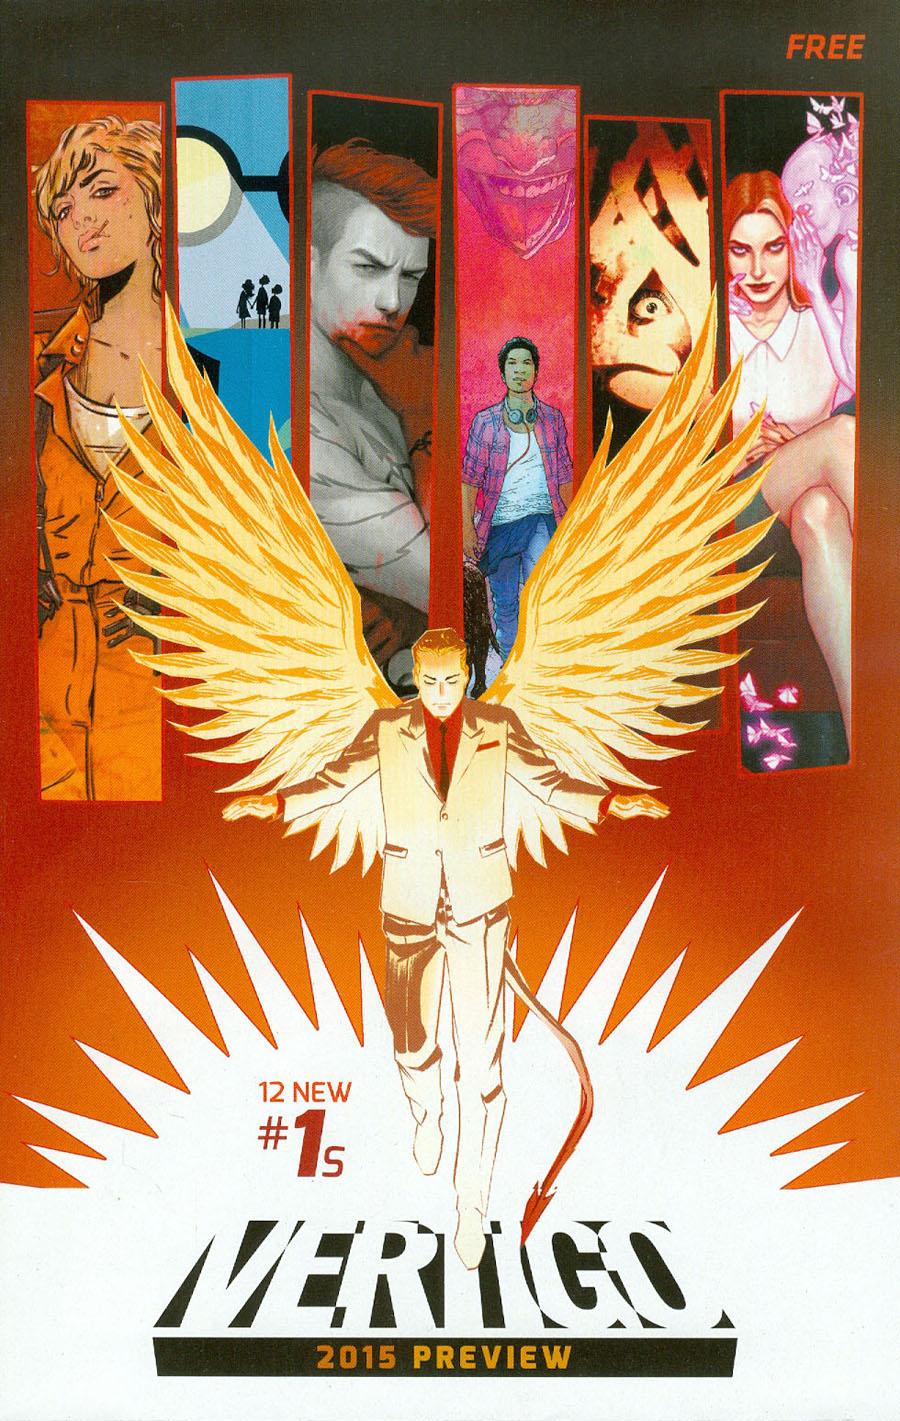 Vertigo 2015 Preview Book